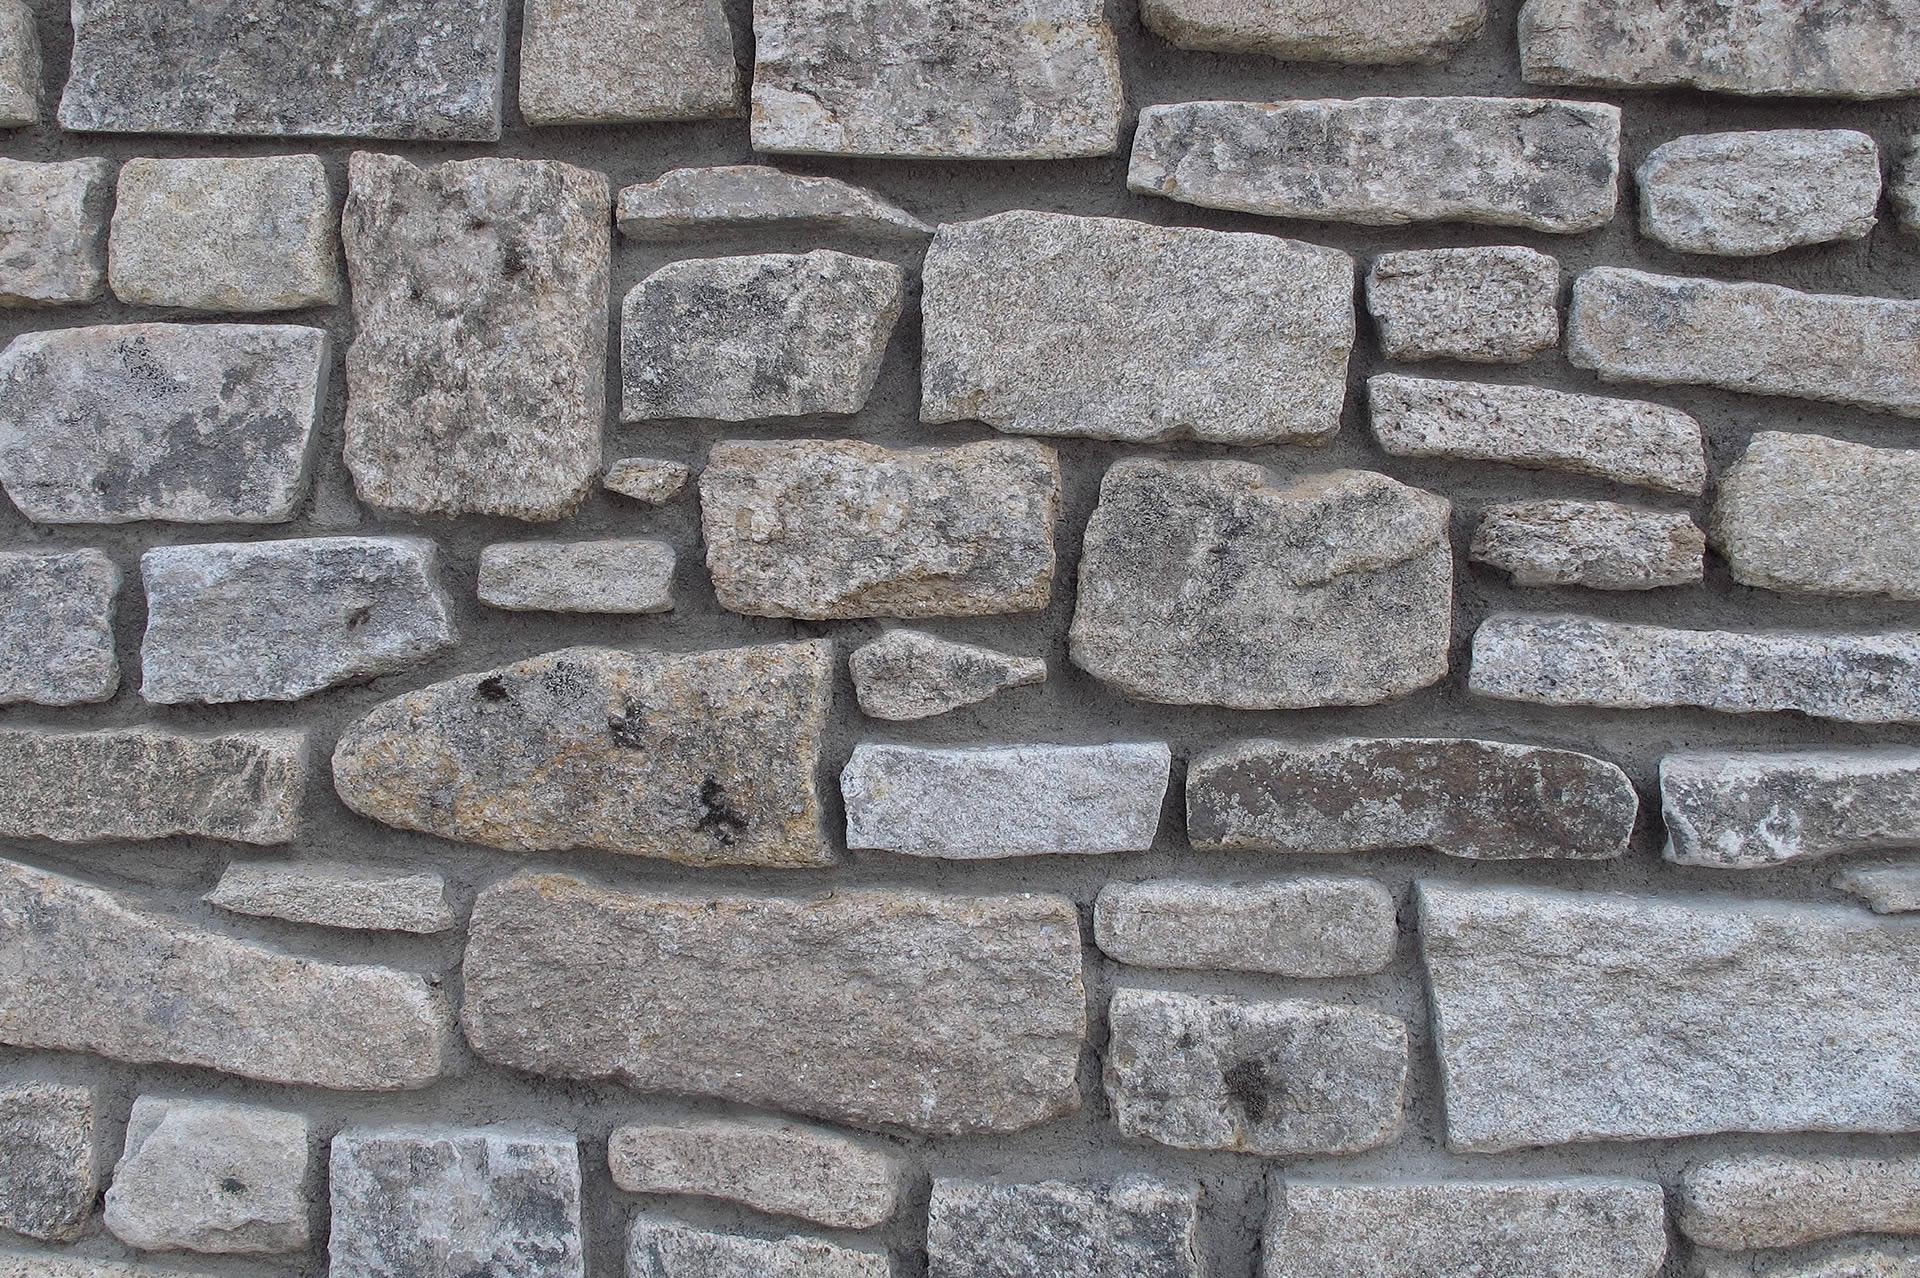 Muro de piedra vieja junta rehundida arteroca - Como hacer muros de piedra ...